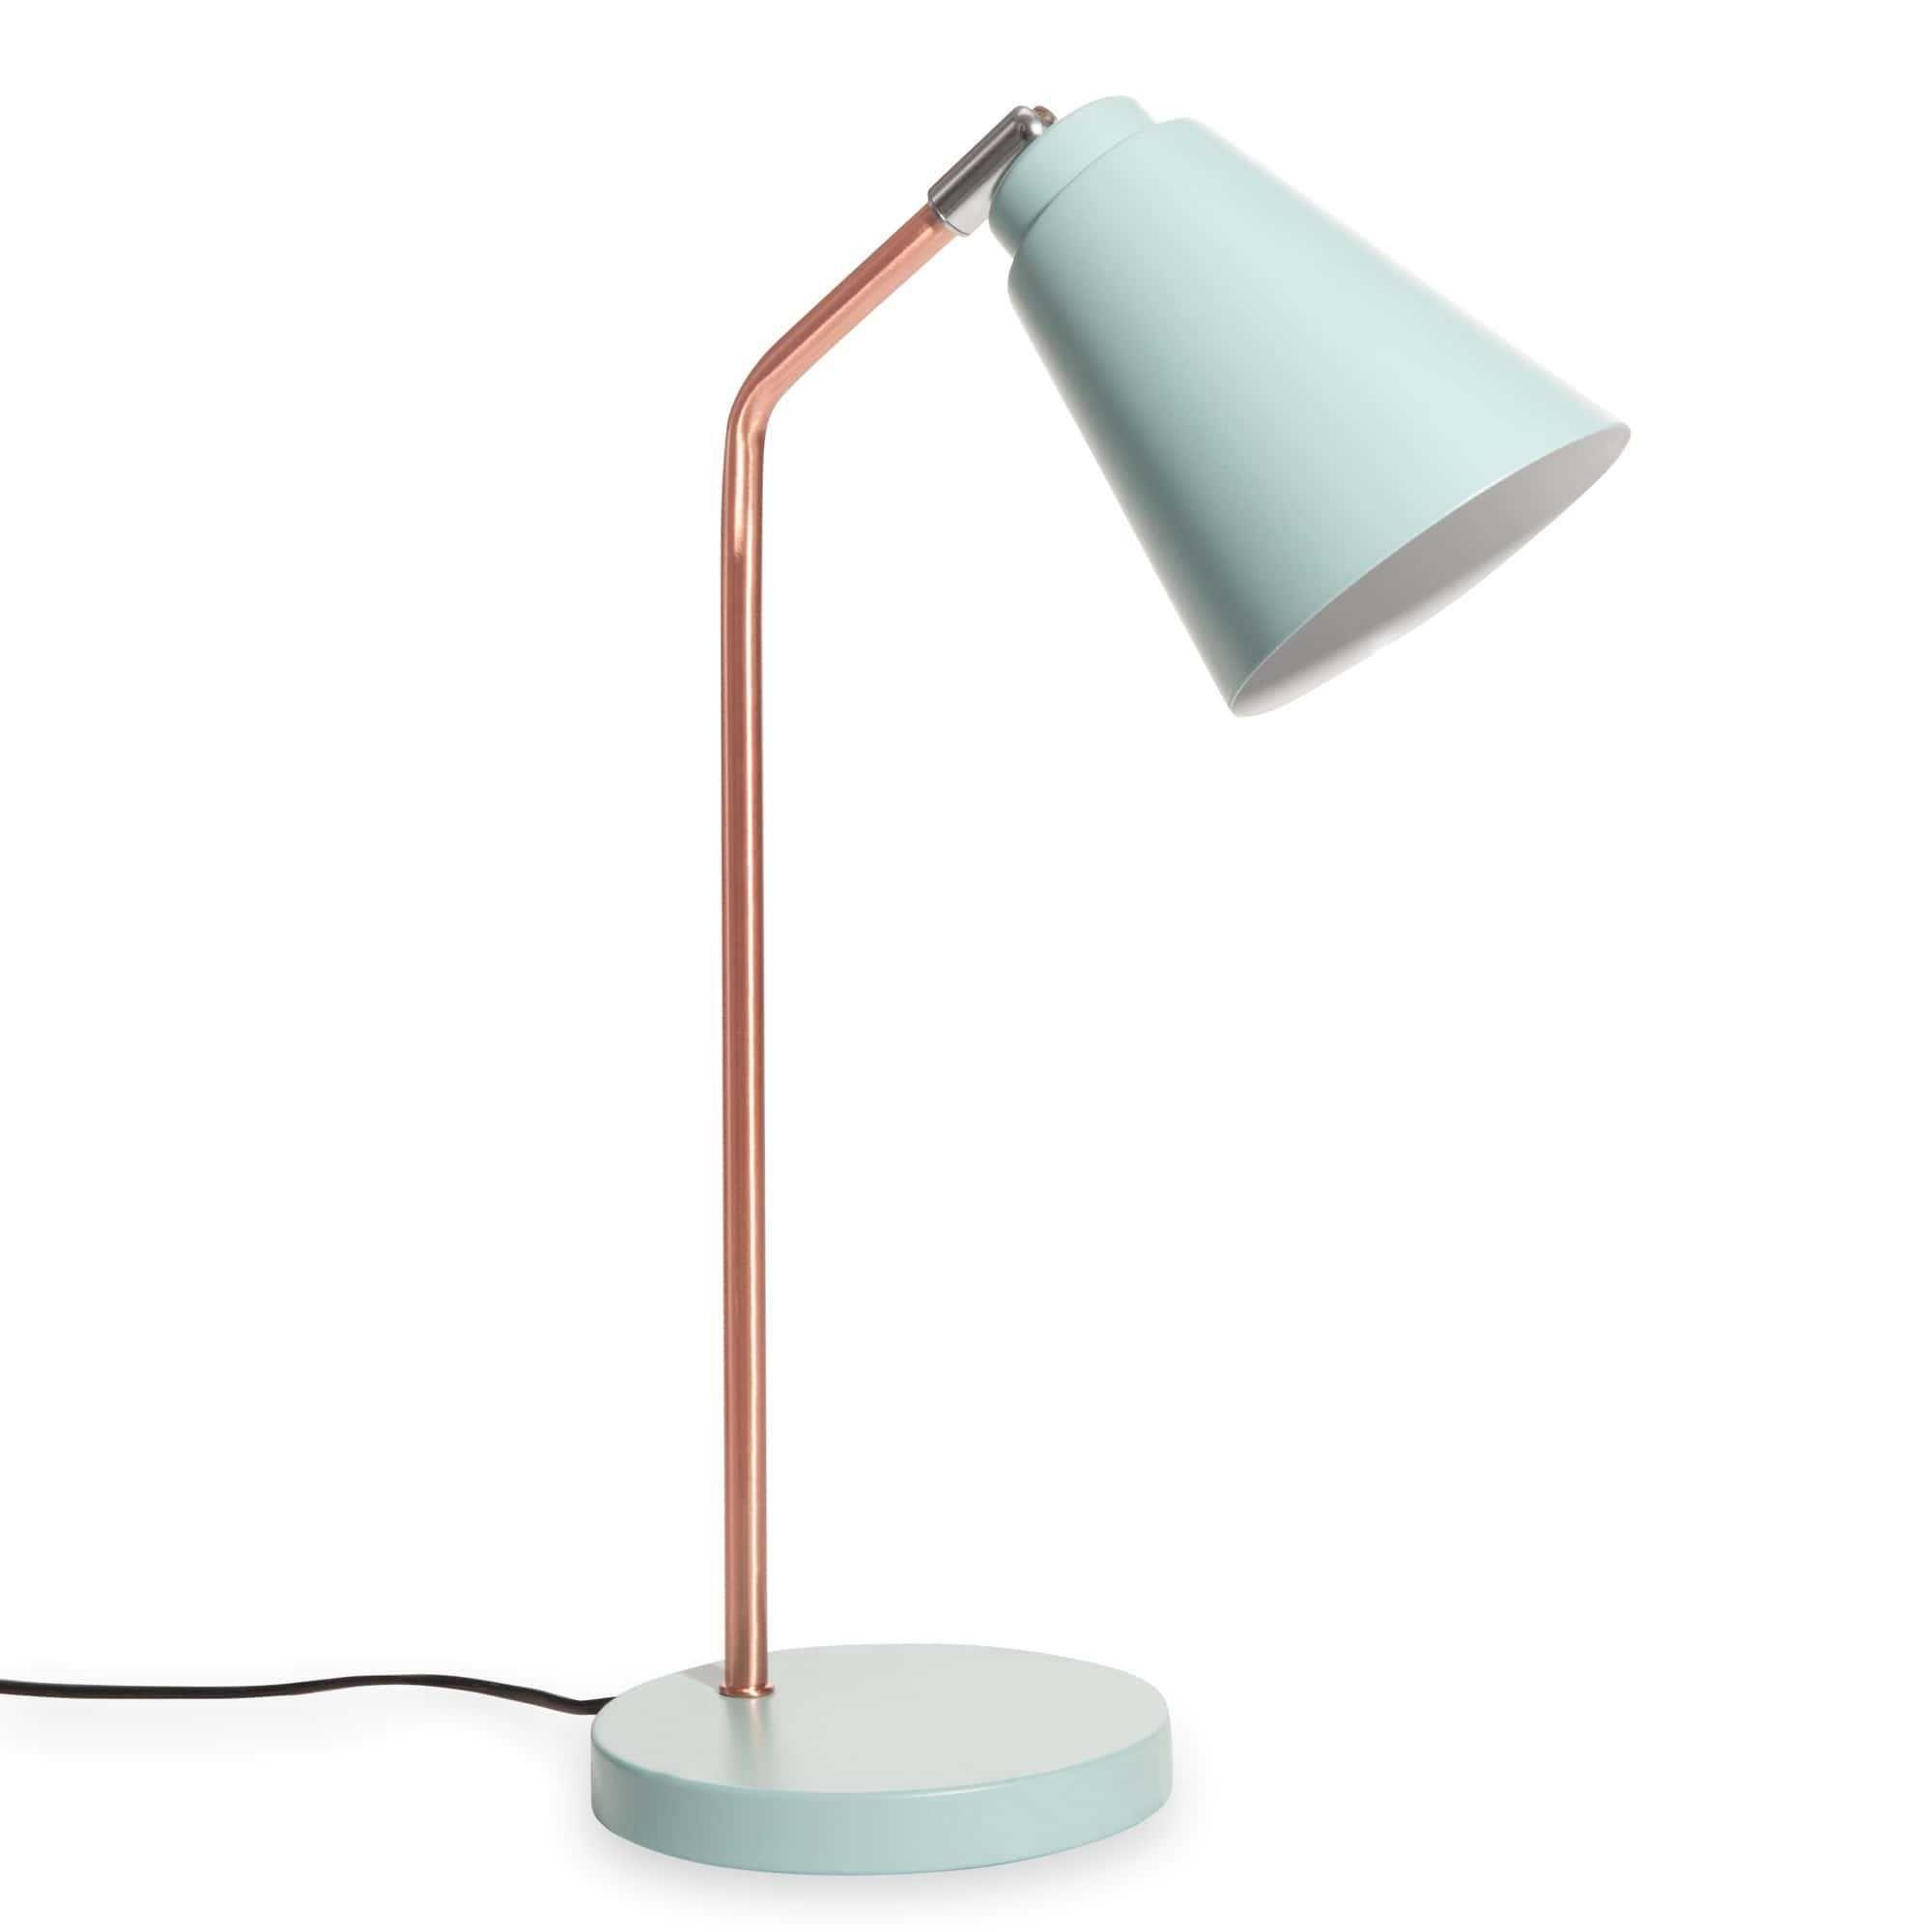 Mdm Lampe De Bureau En Metal Cuivre Et Bleu Clair Jessie 30 00 Lampe De Bureau Lampes Bleues Luminaire Maison Du Monde